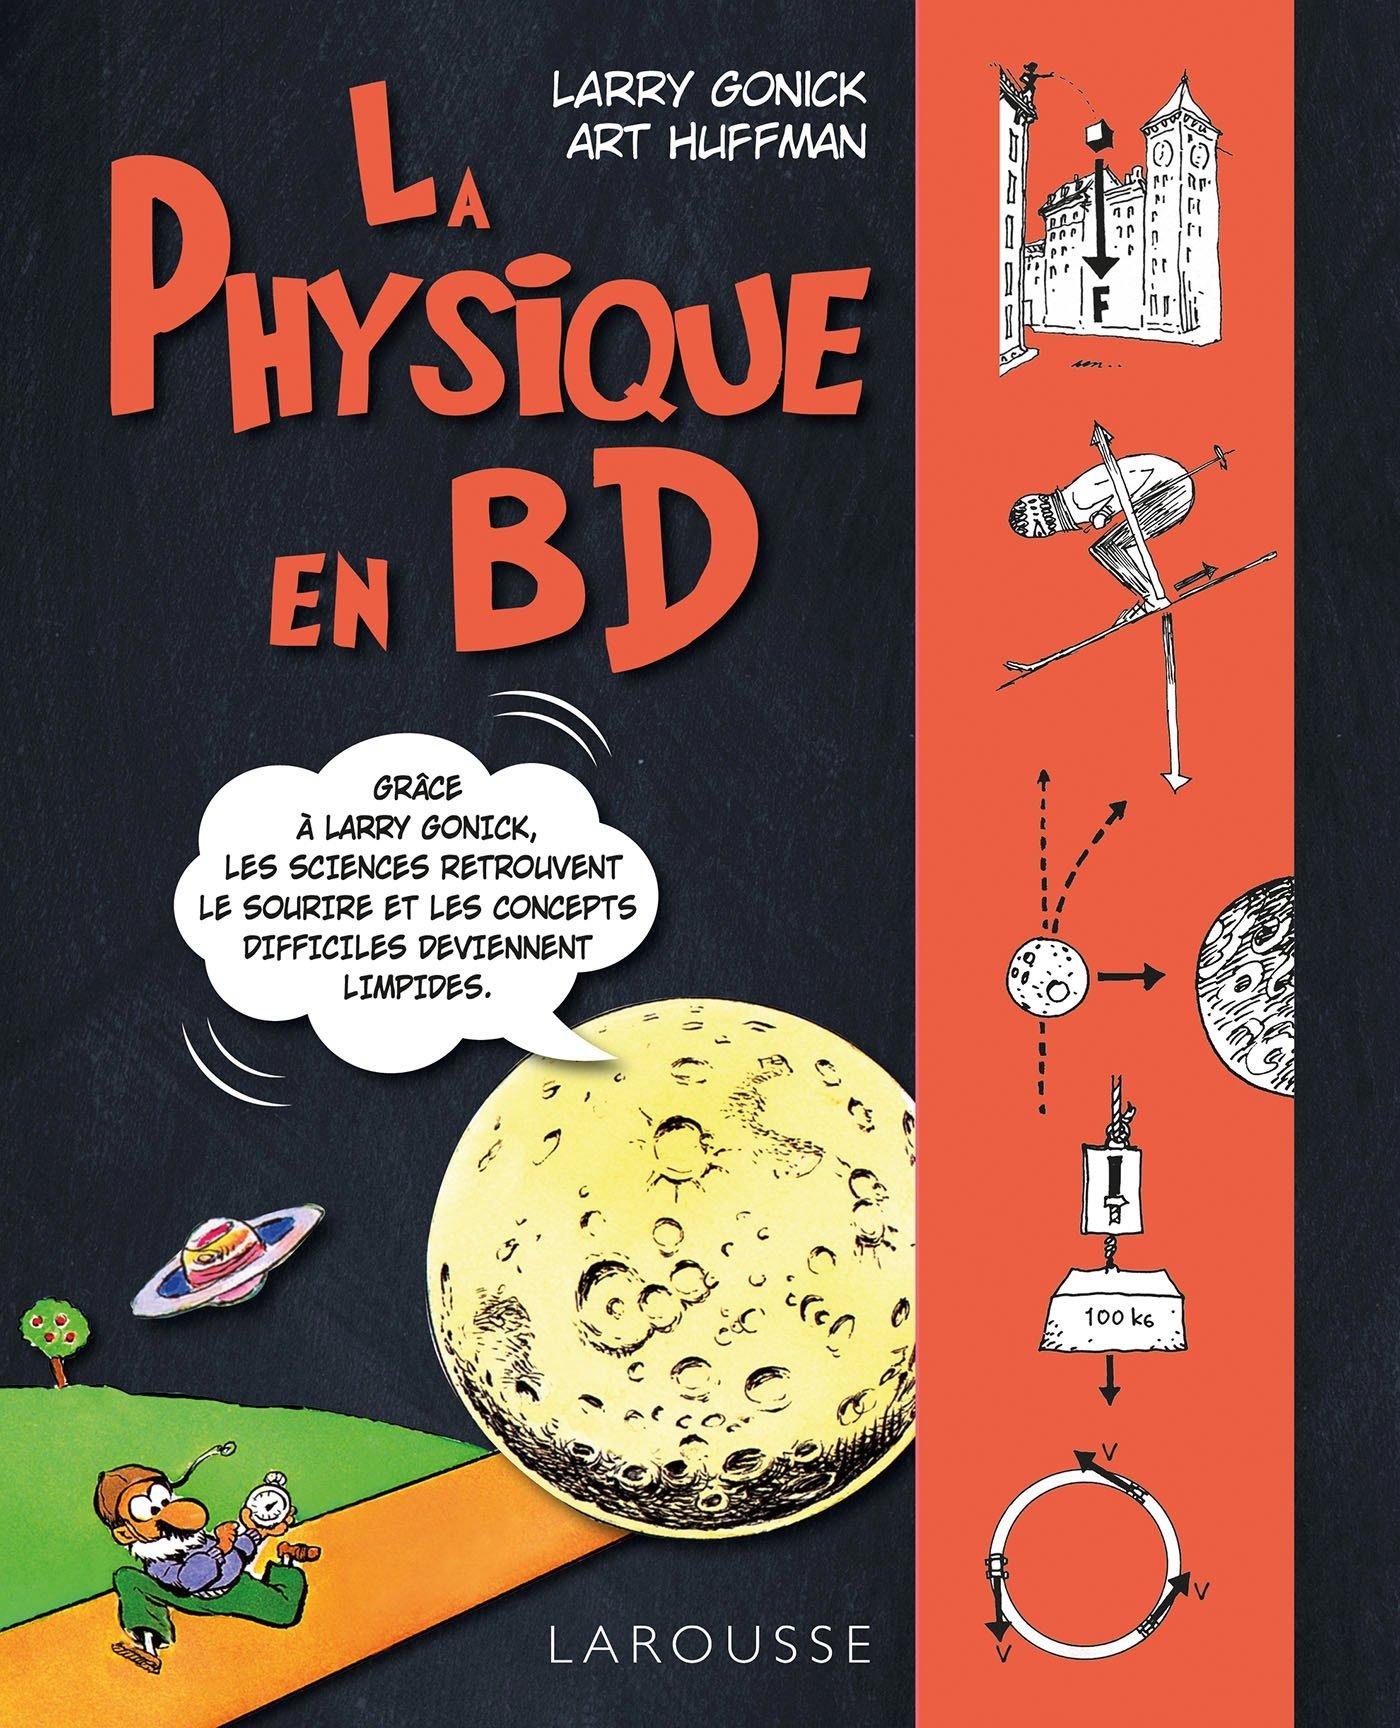 Read Online Larousse La physique en bandes dessinées (French Edition) PDF